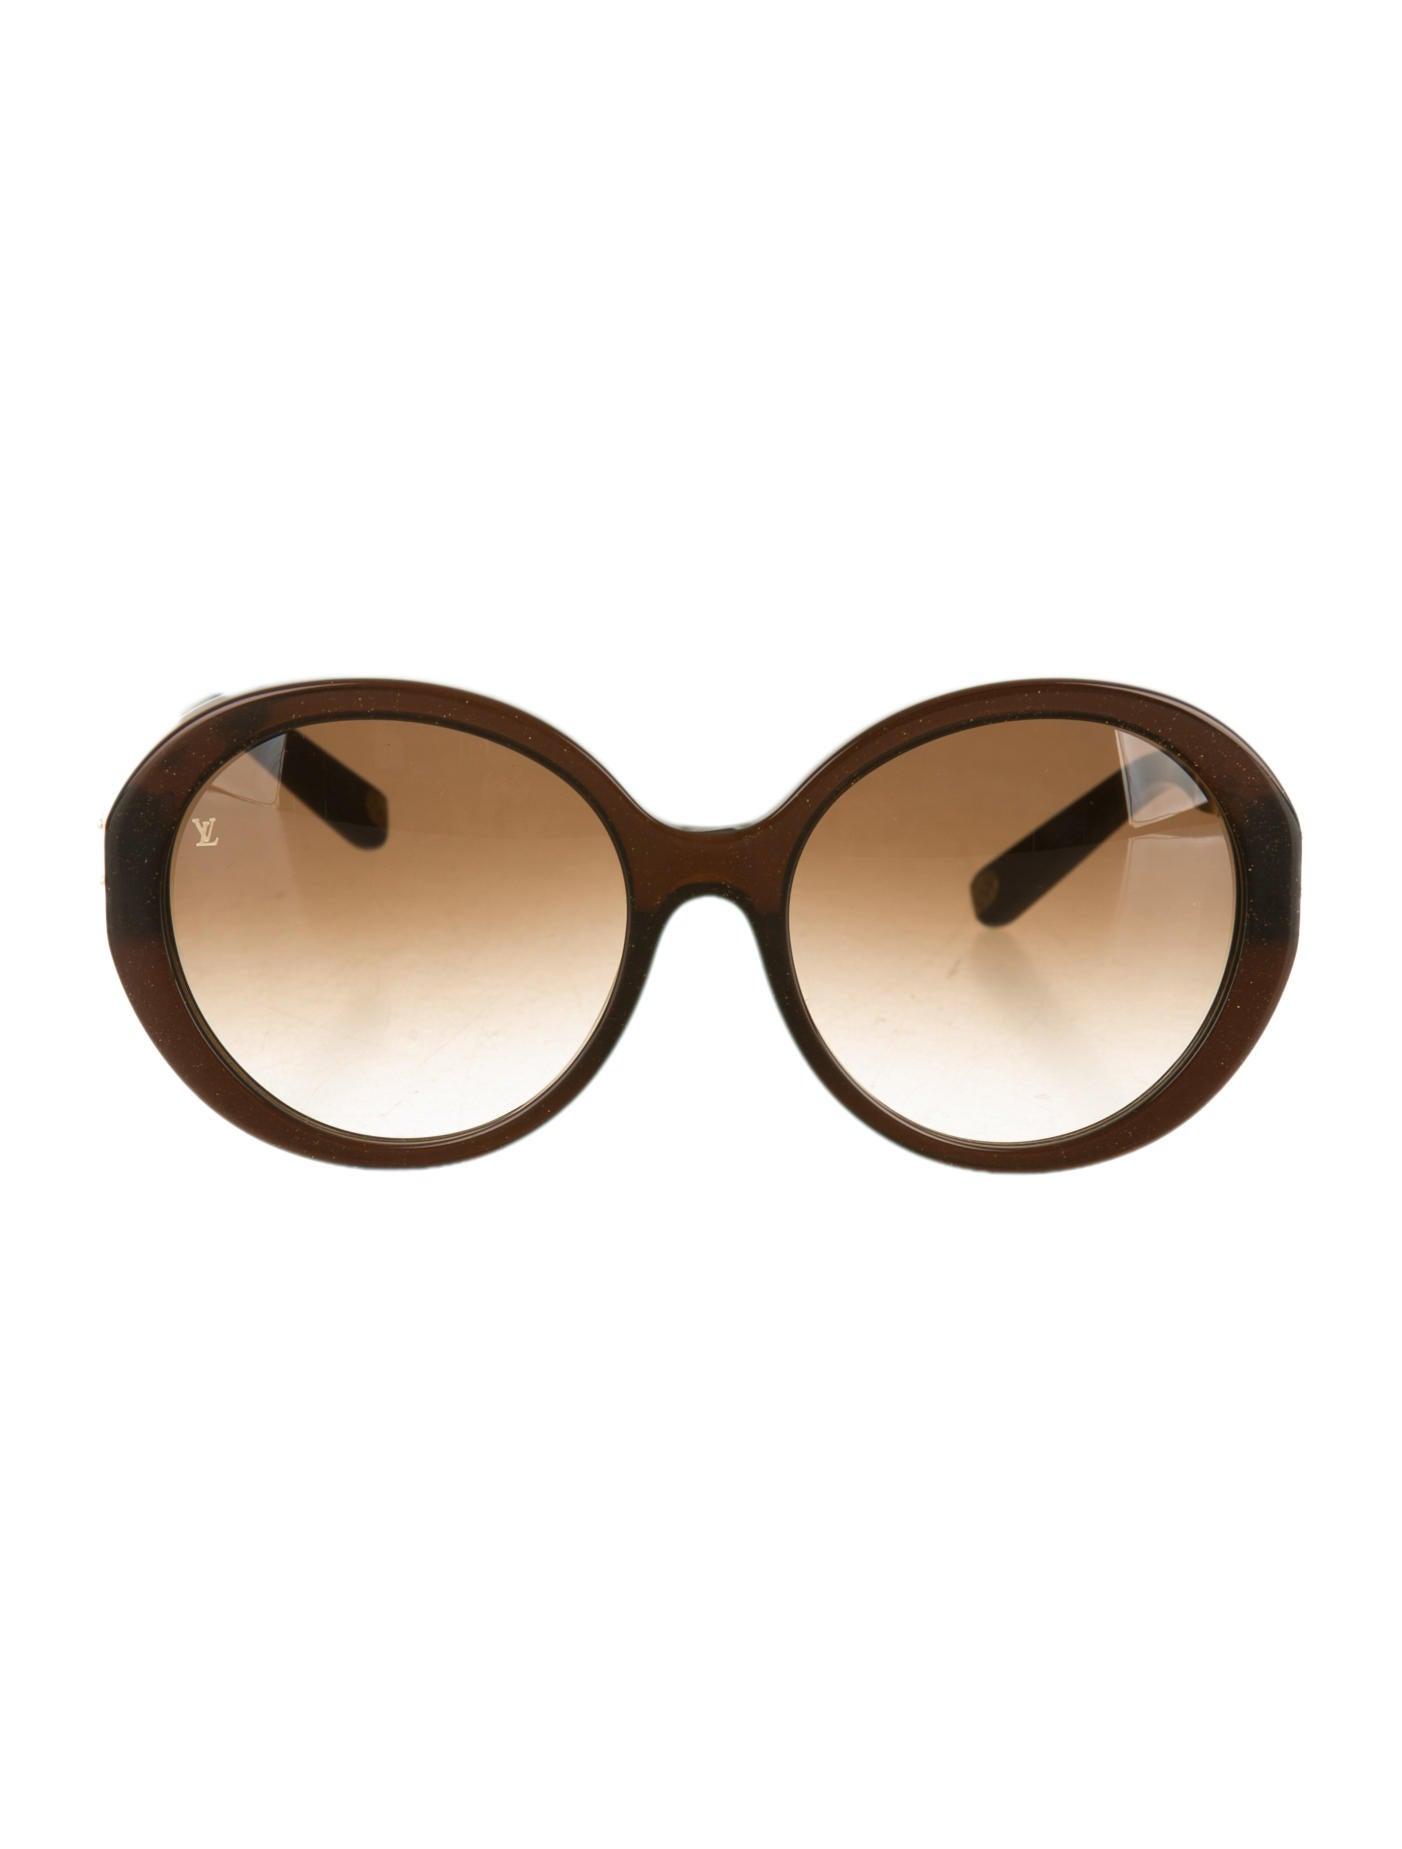 3a48674e8a941 Louis Vuitton Petit Soupçon Sunglasses - Accessories - LOU40812 ...